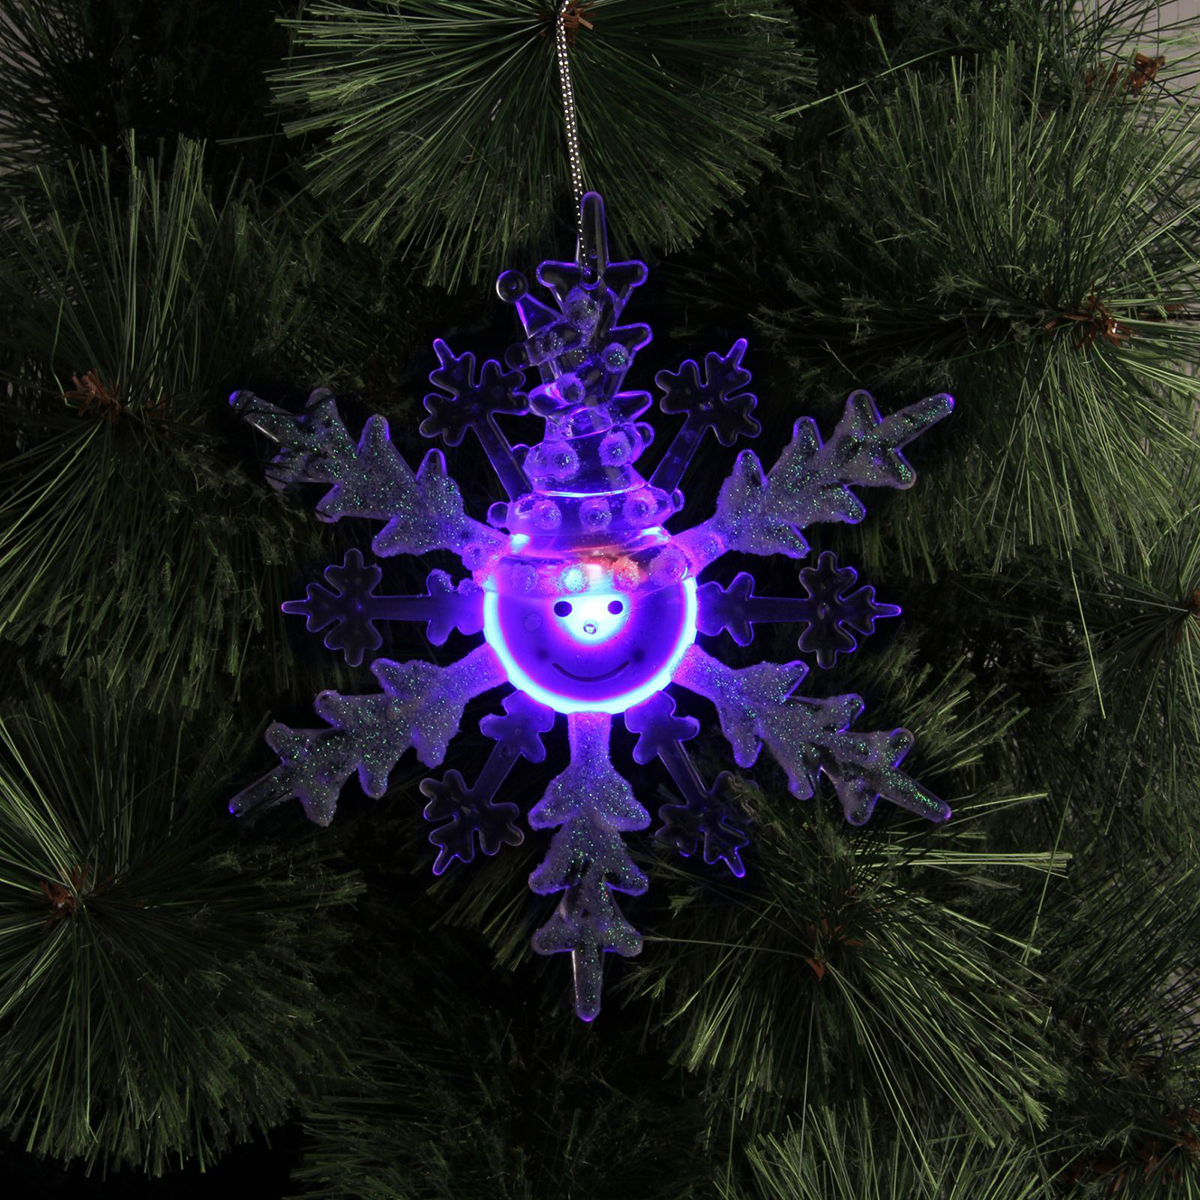 Подвесное украшение праздничное Luazon Lighting Снежинка-снеговик, с подсветкой, цвет: белый1077318Невозможно представить себе современный мир без электроприборов. Благодаря качественным материалам и работе дизайнеров они способны сделать нашу жизнь комфортнее и порадовать глаз. Это прекрасный выбор, если вы находитесь в поиске товара, который идеально впишется в ежедневную жизнь и прослужит долго.Батарейки в комплекте.